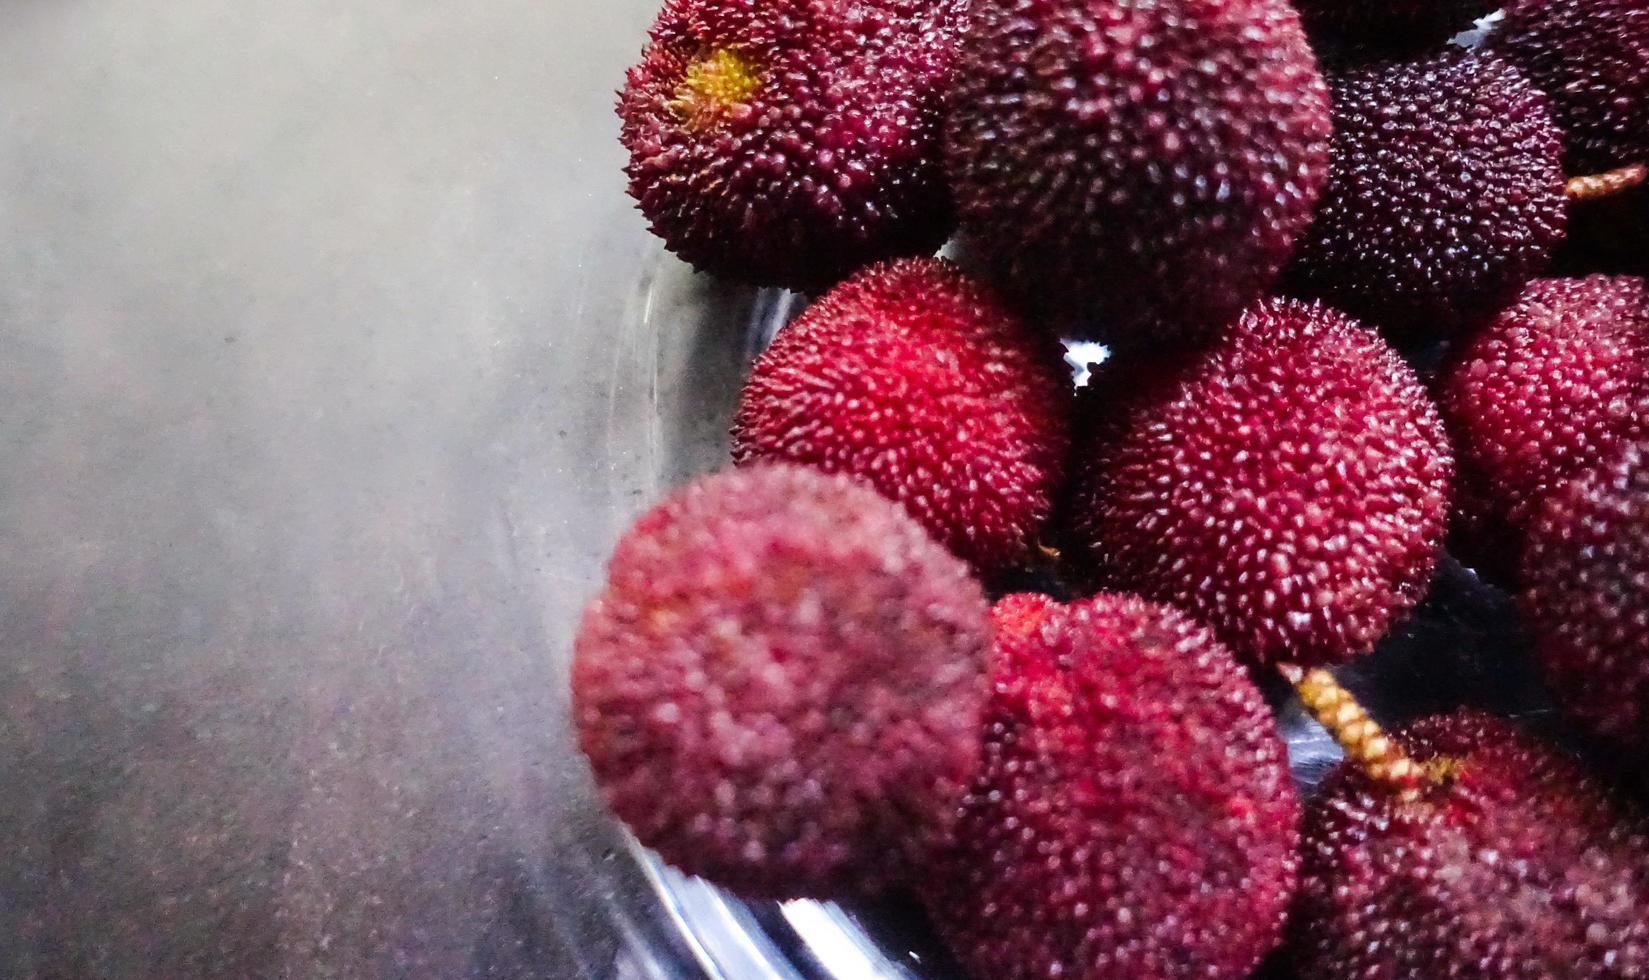 primo piano di un gruppo di bayberries cinesi foto